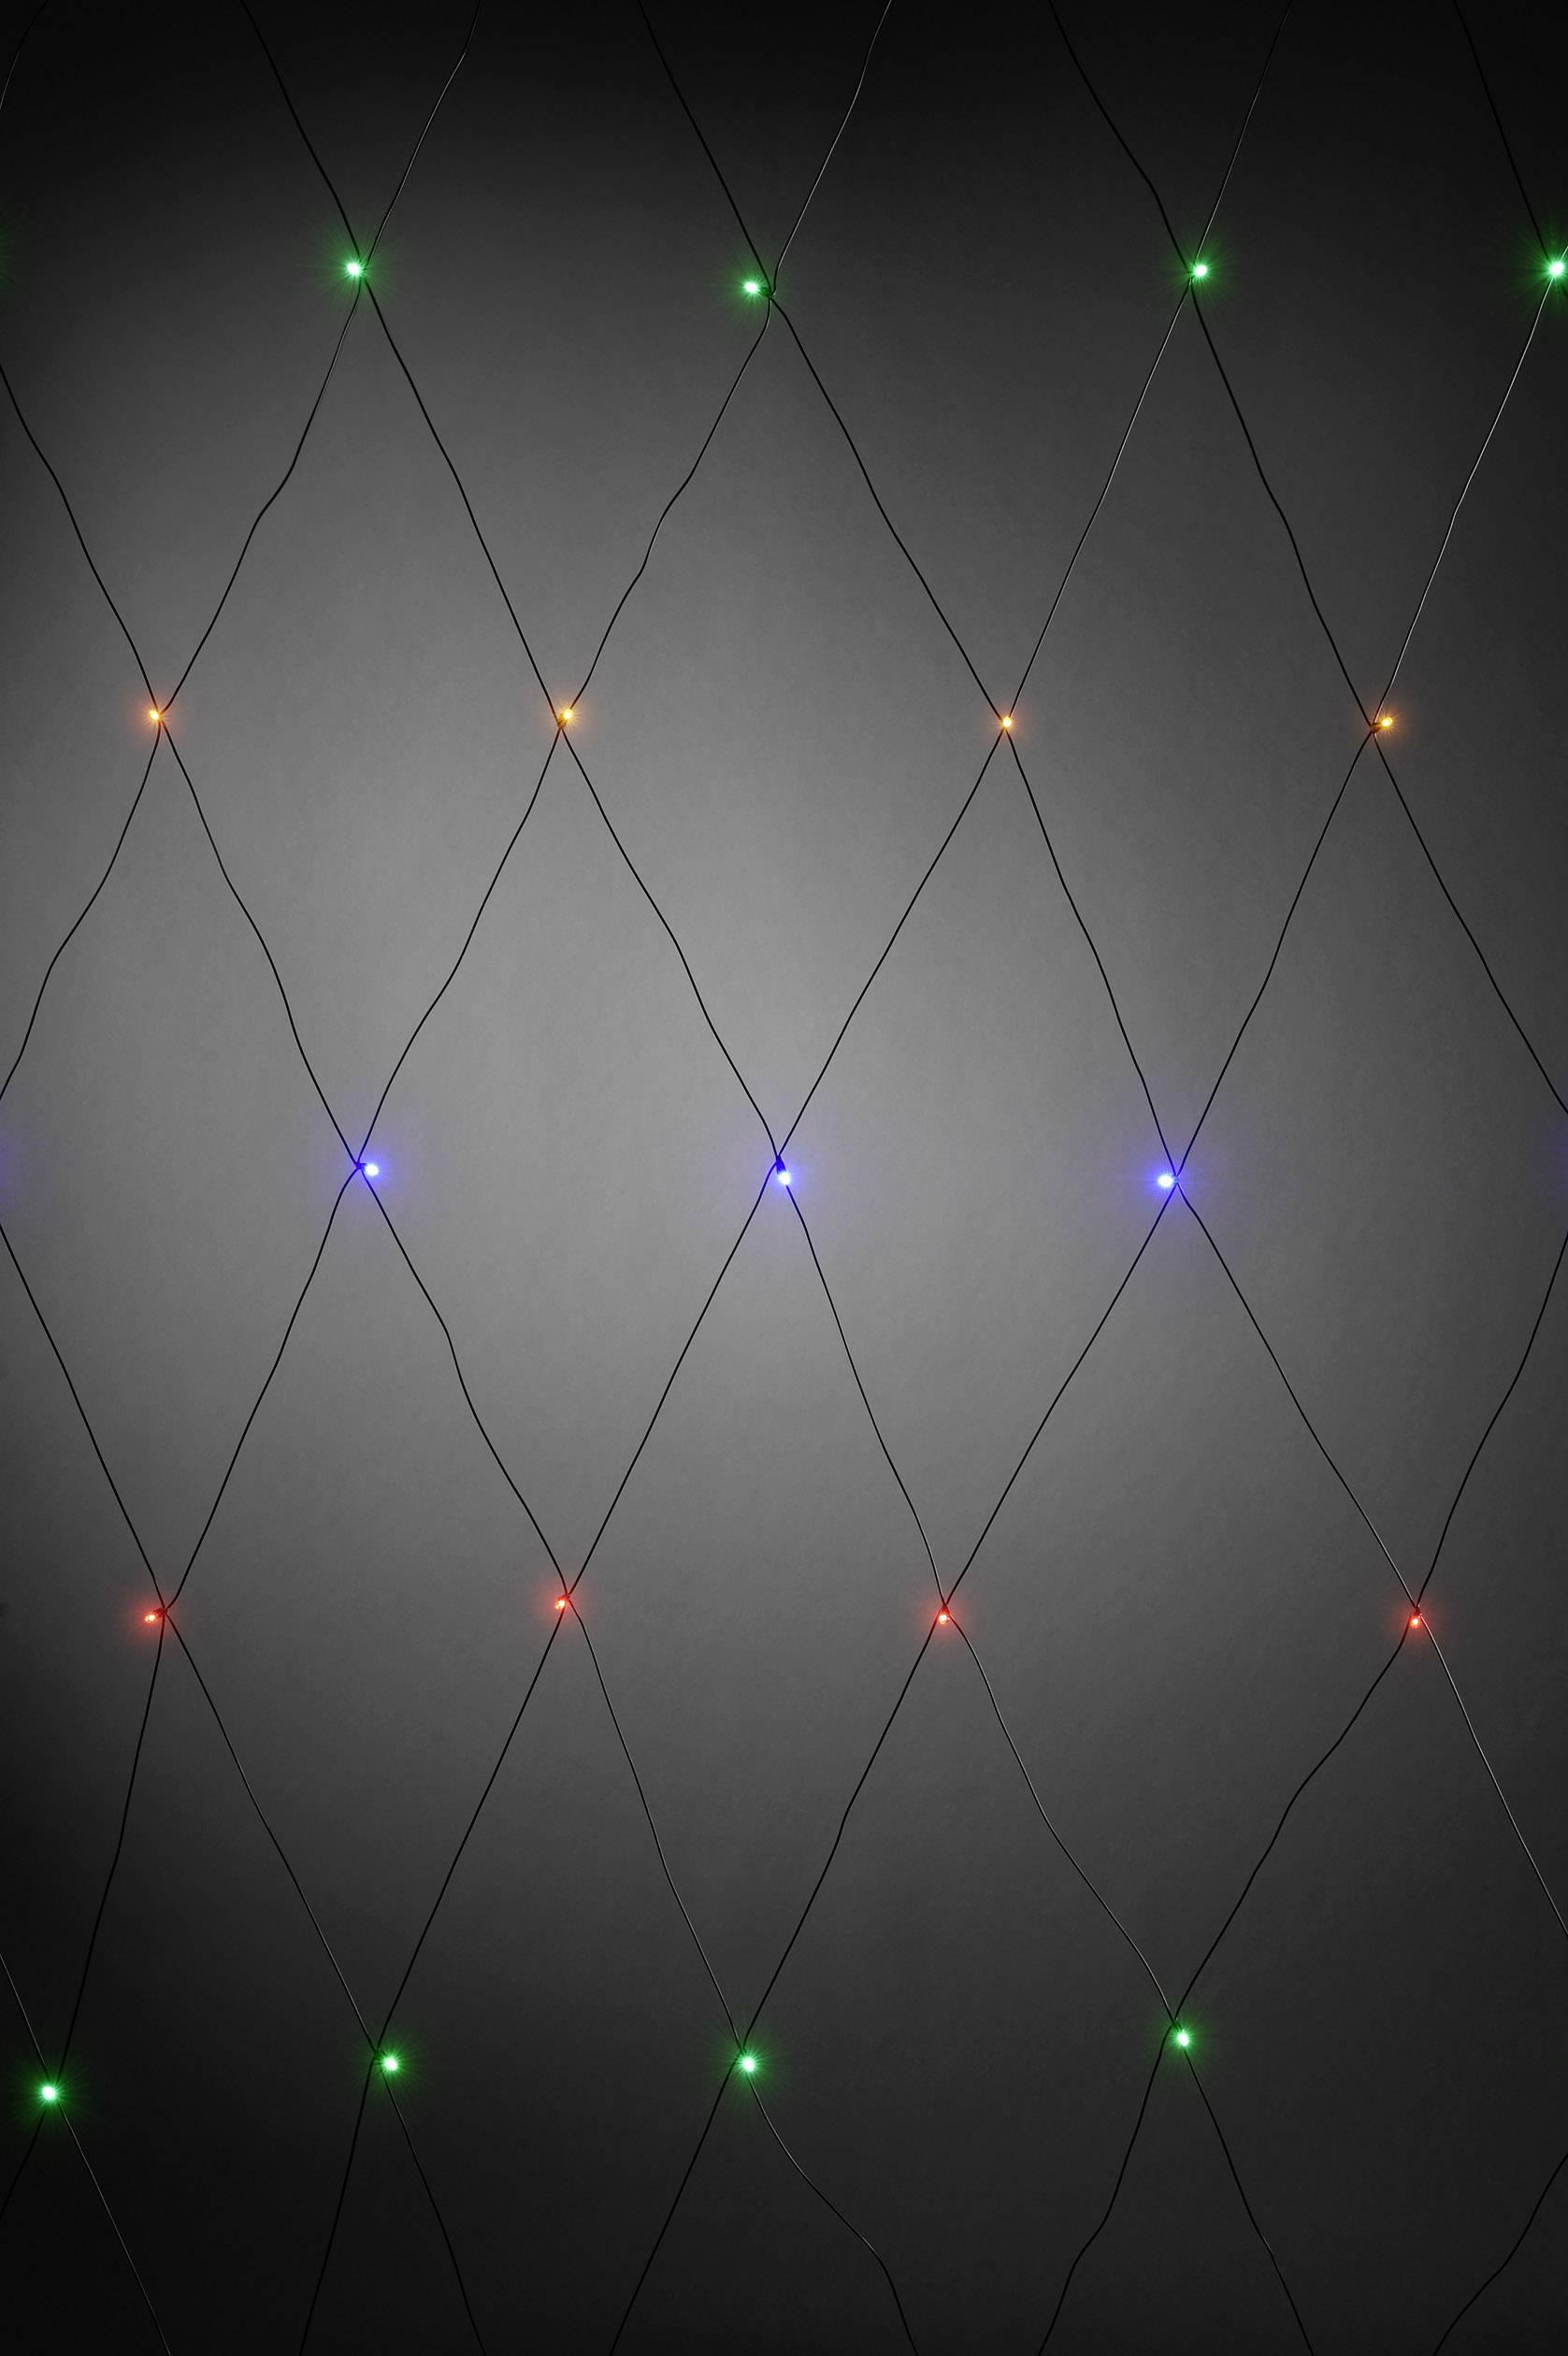 izdelek-konstsmide-svetlobna-mreza-zunaj-24-v-64-led